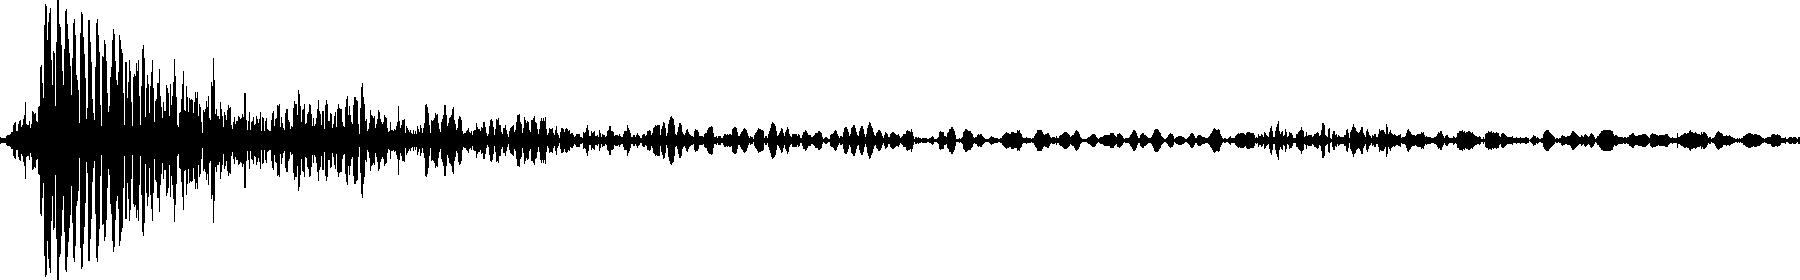 snare3 101db b